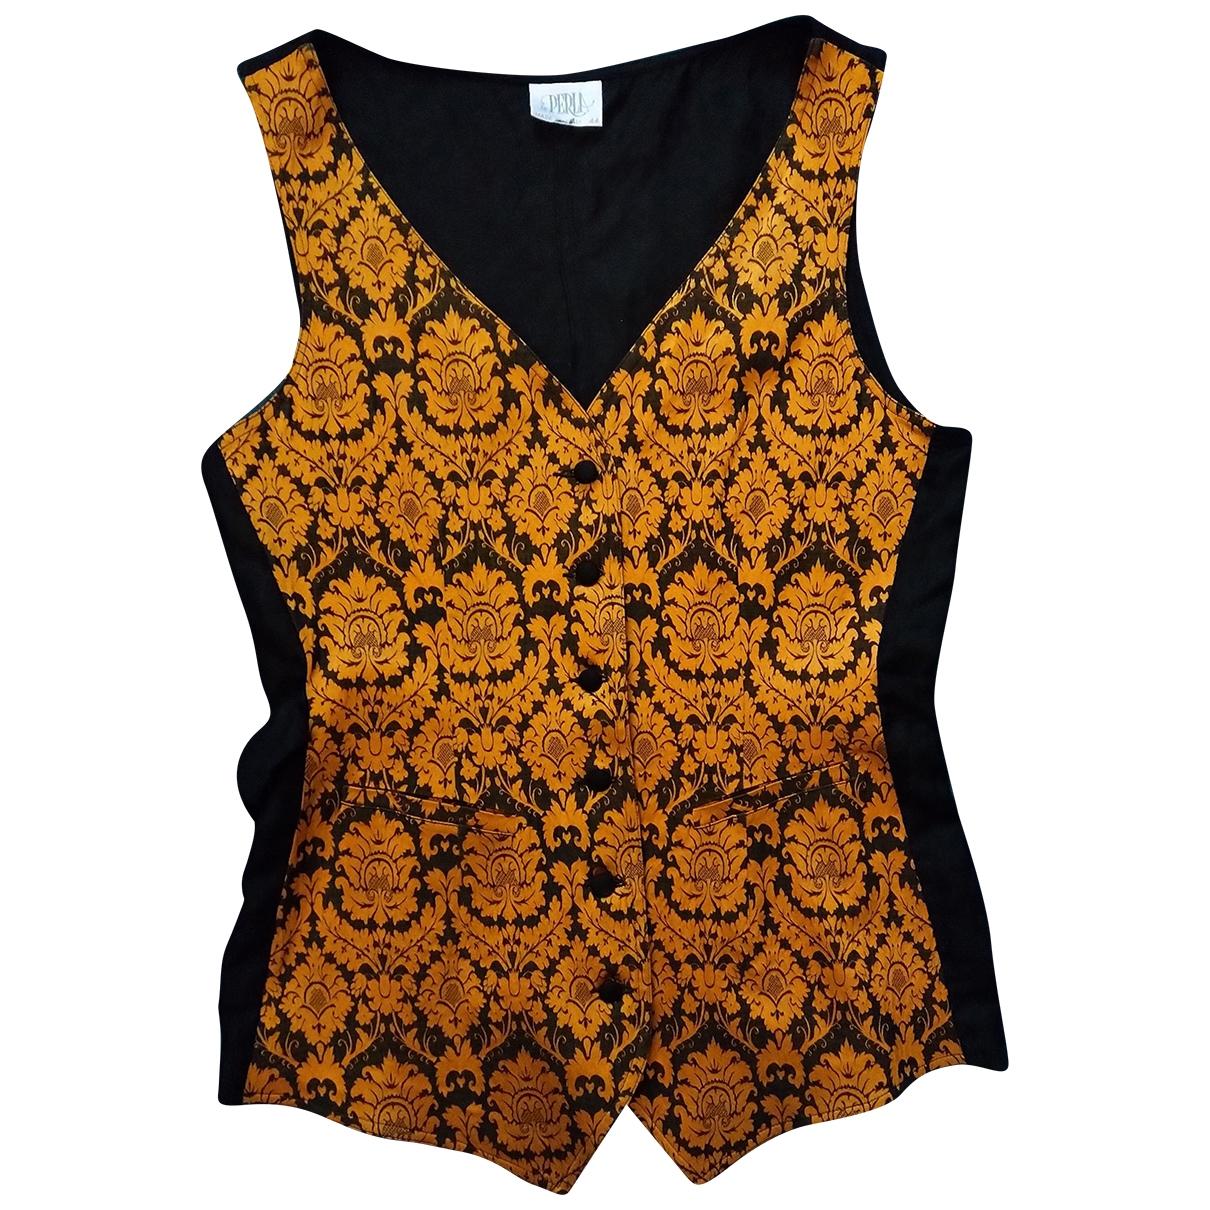 La Perla \N Black Cotton jacket for Women 44 IT